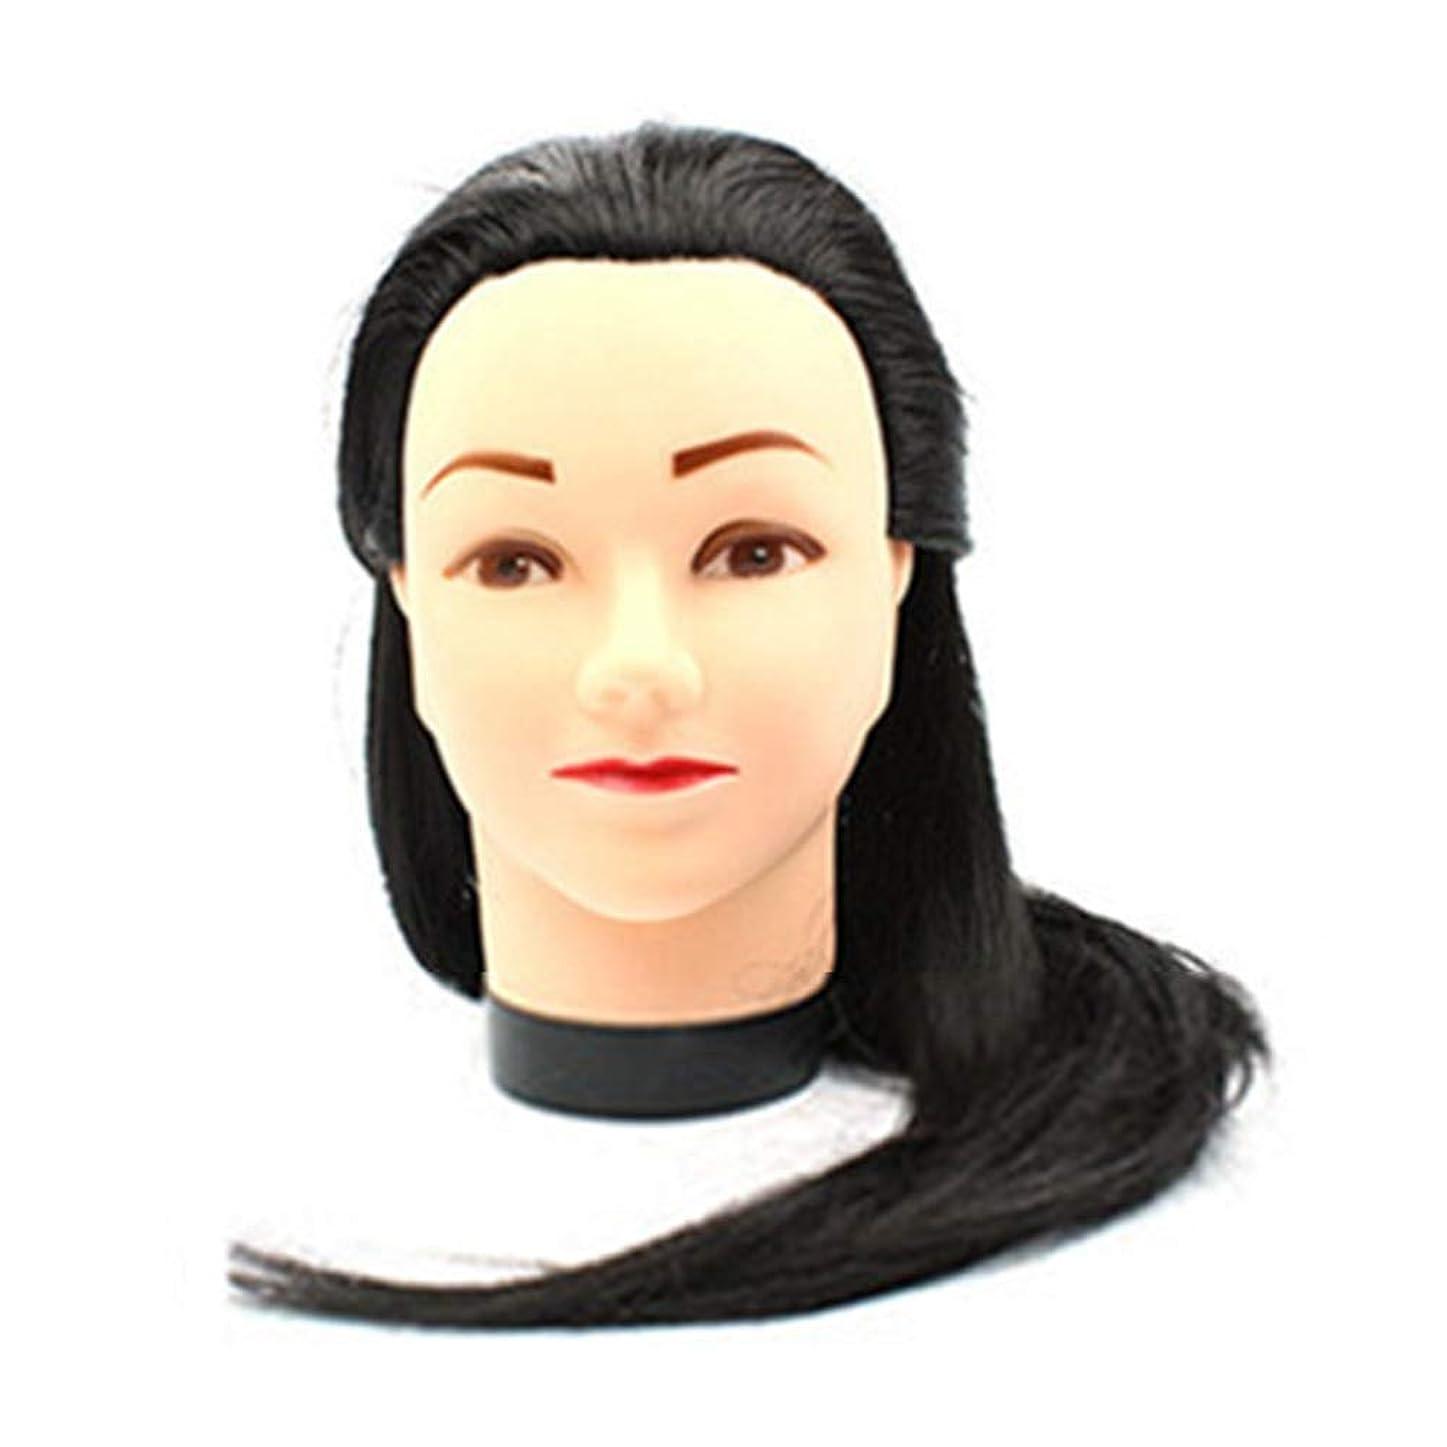 英語の授業があります並外れた愛撫低温繊維かつらヘッドモールドメイクヘアスタイリングヘッドヘアーサロントレーニング学習ヘアカットデュアルユースダミー人間の頭